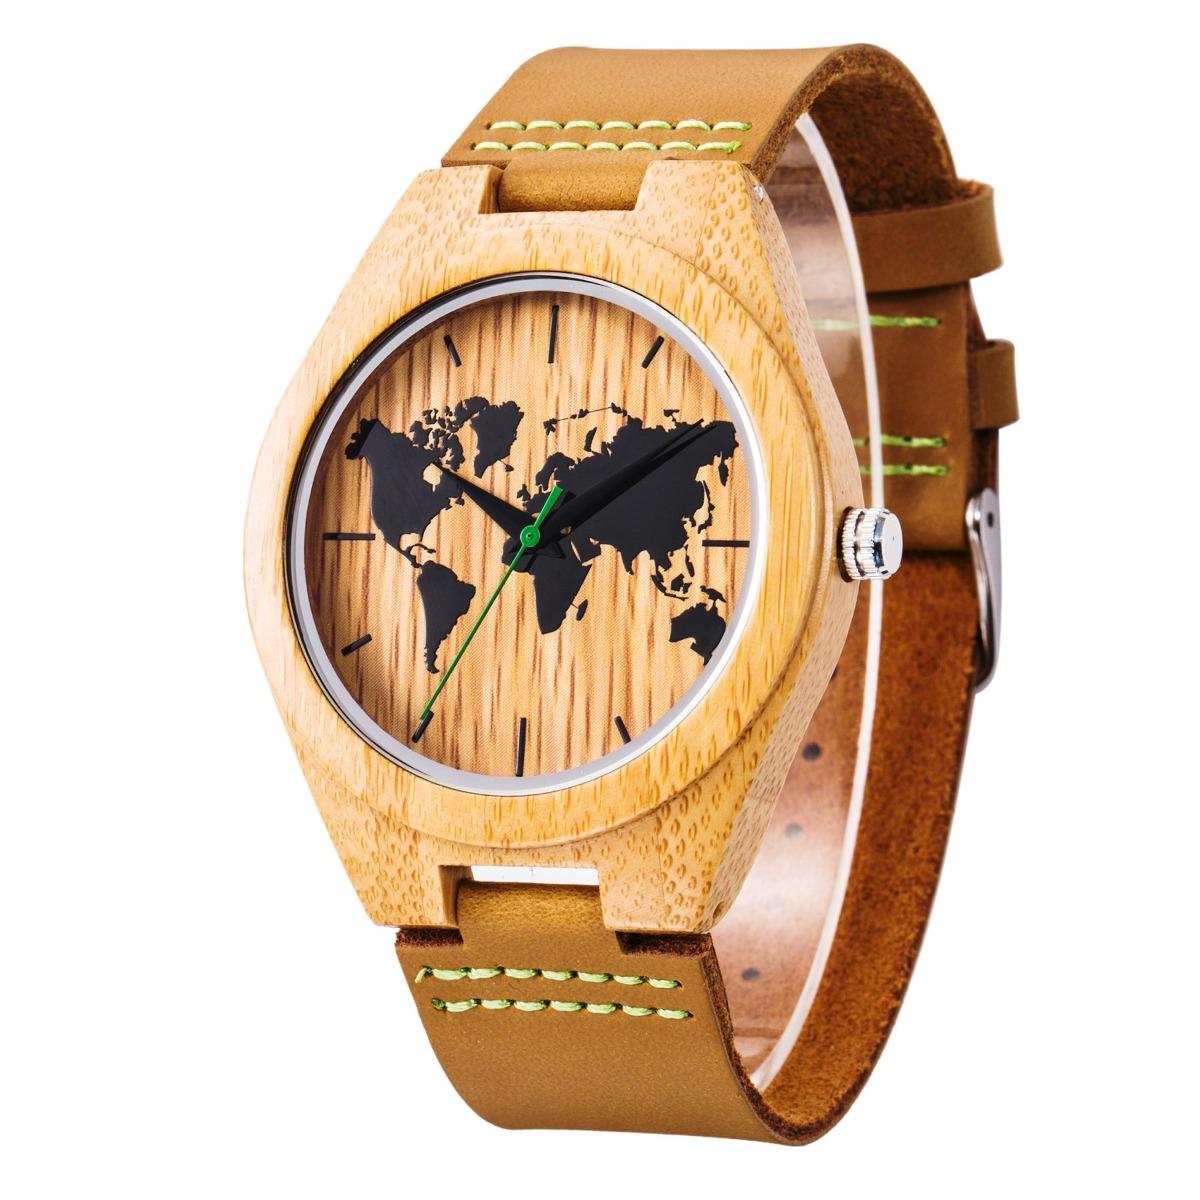 67a2bde6cb54 Newbetter Reloj De Madera Para Caballero